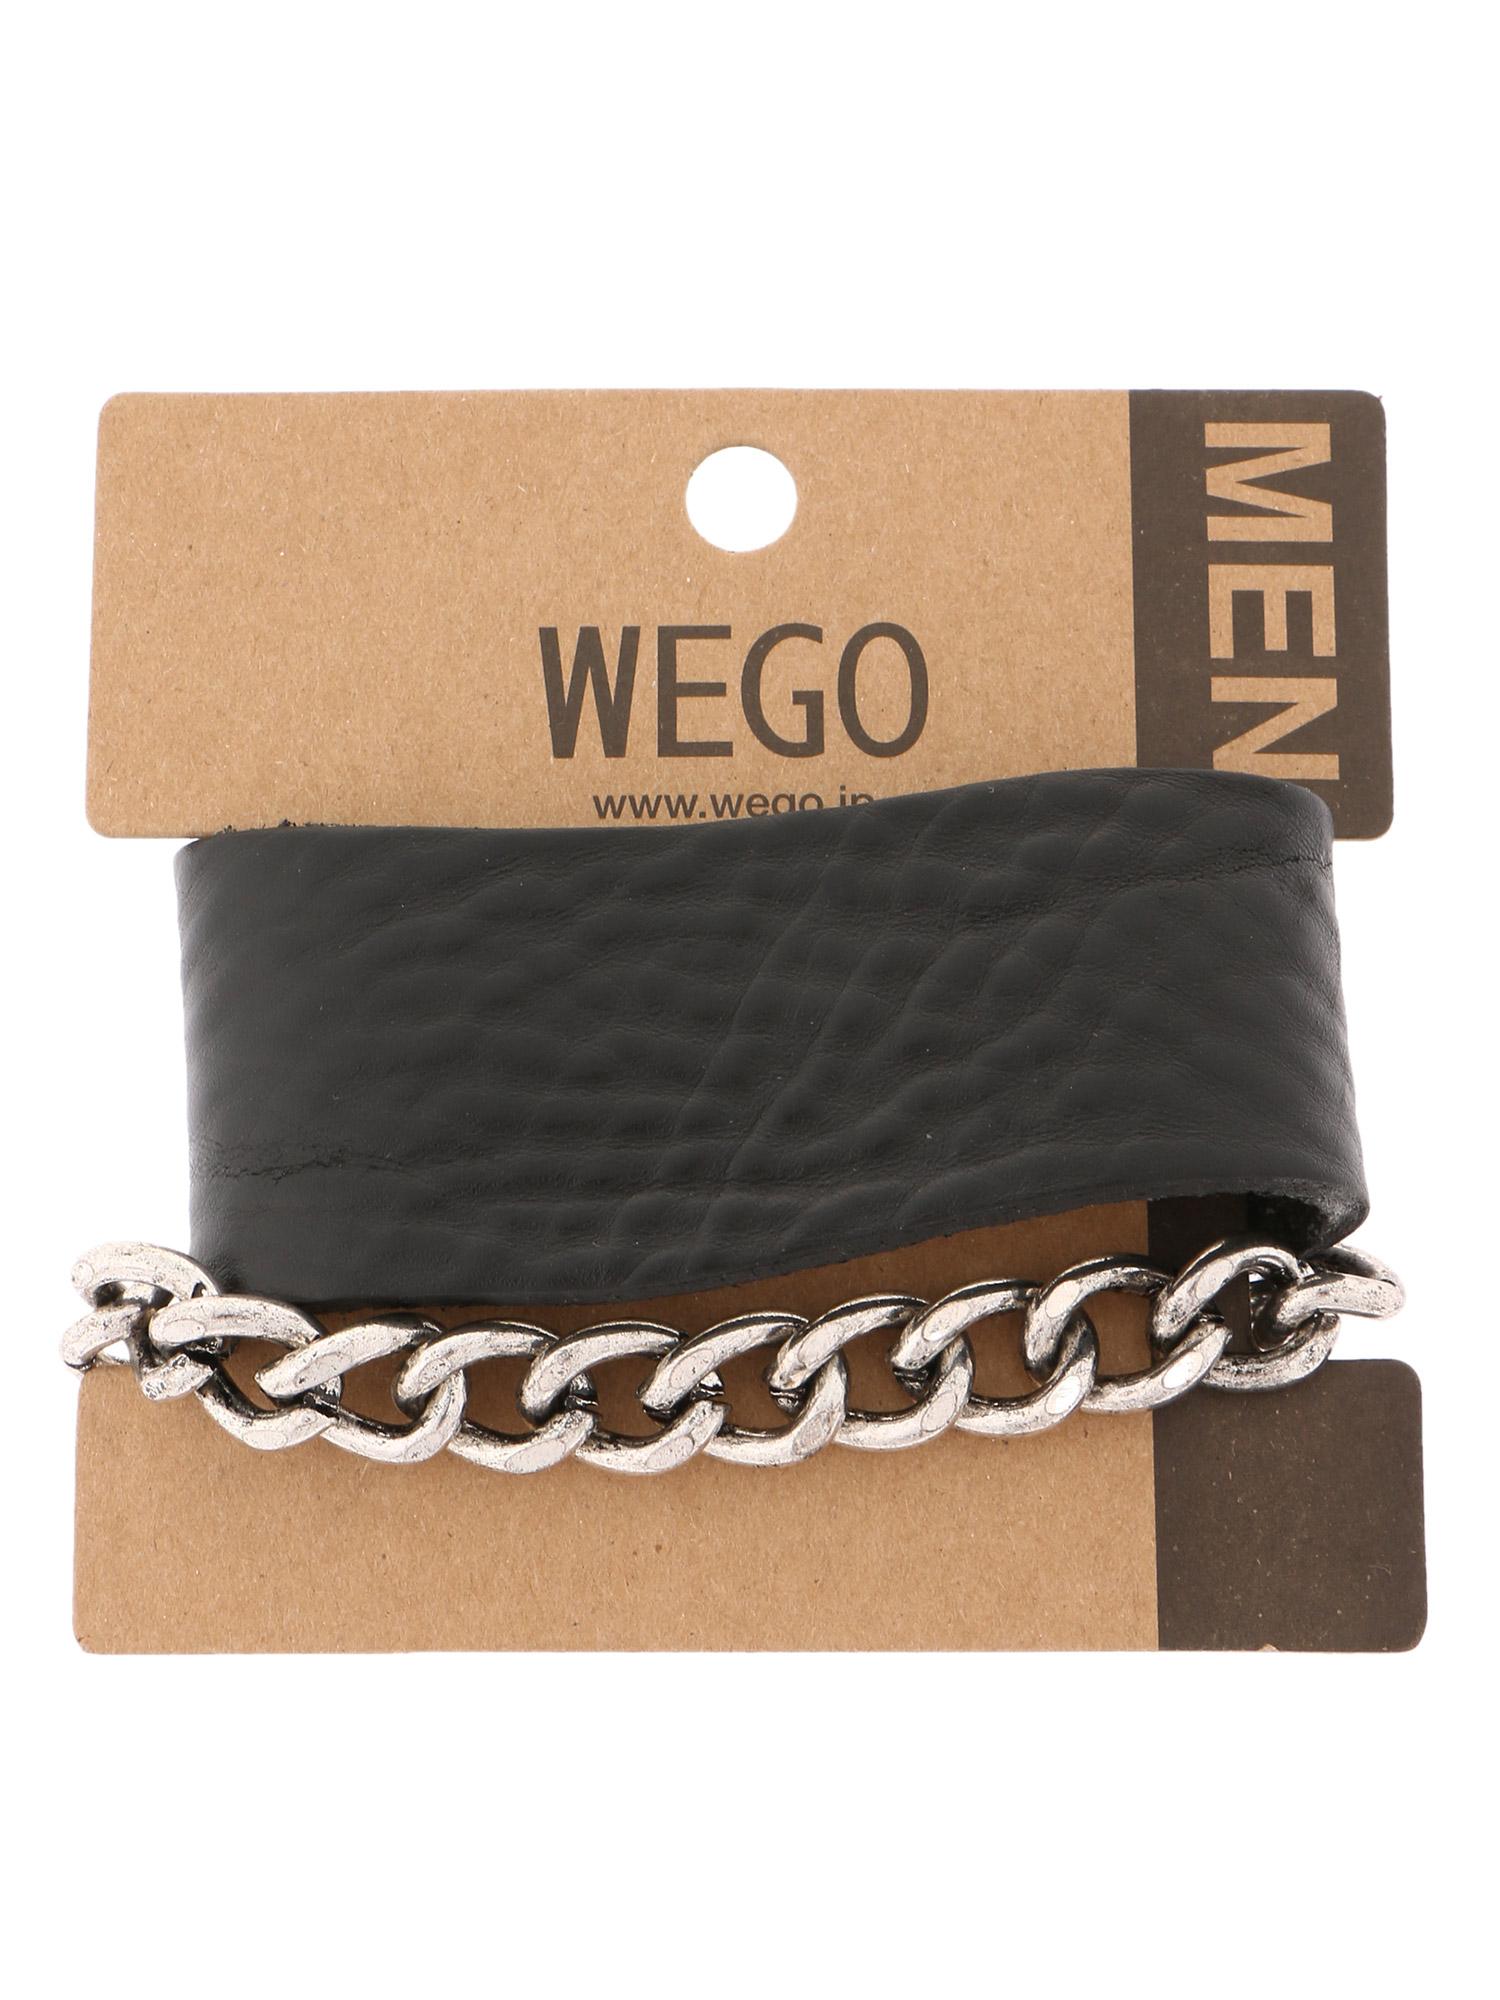 WEGO/レザーチェーンセットブレスレット